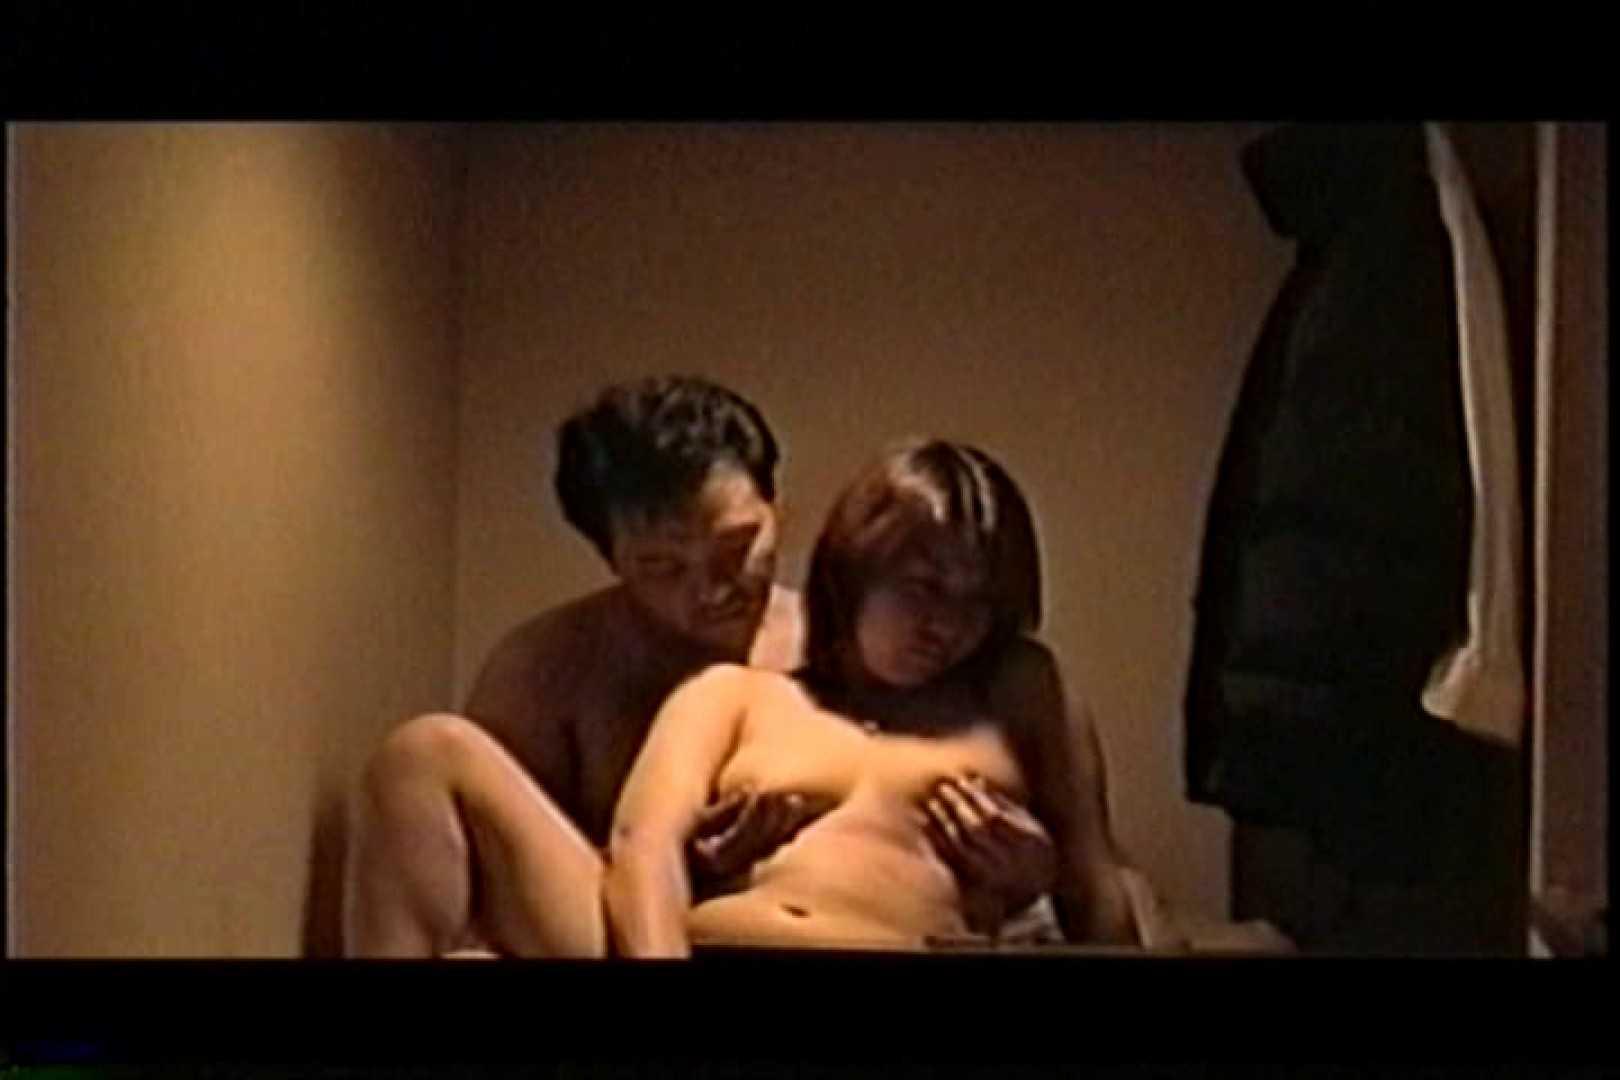 デリ嬢マル秘撮り本物投稿版② ギャル達のオマンコ | ギャルの乳首  55画像 27